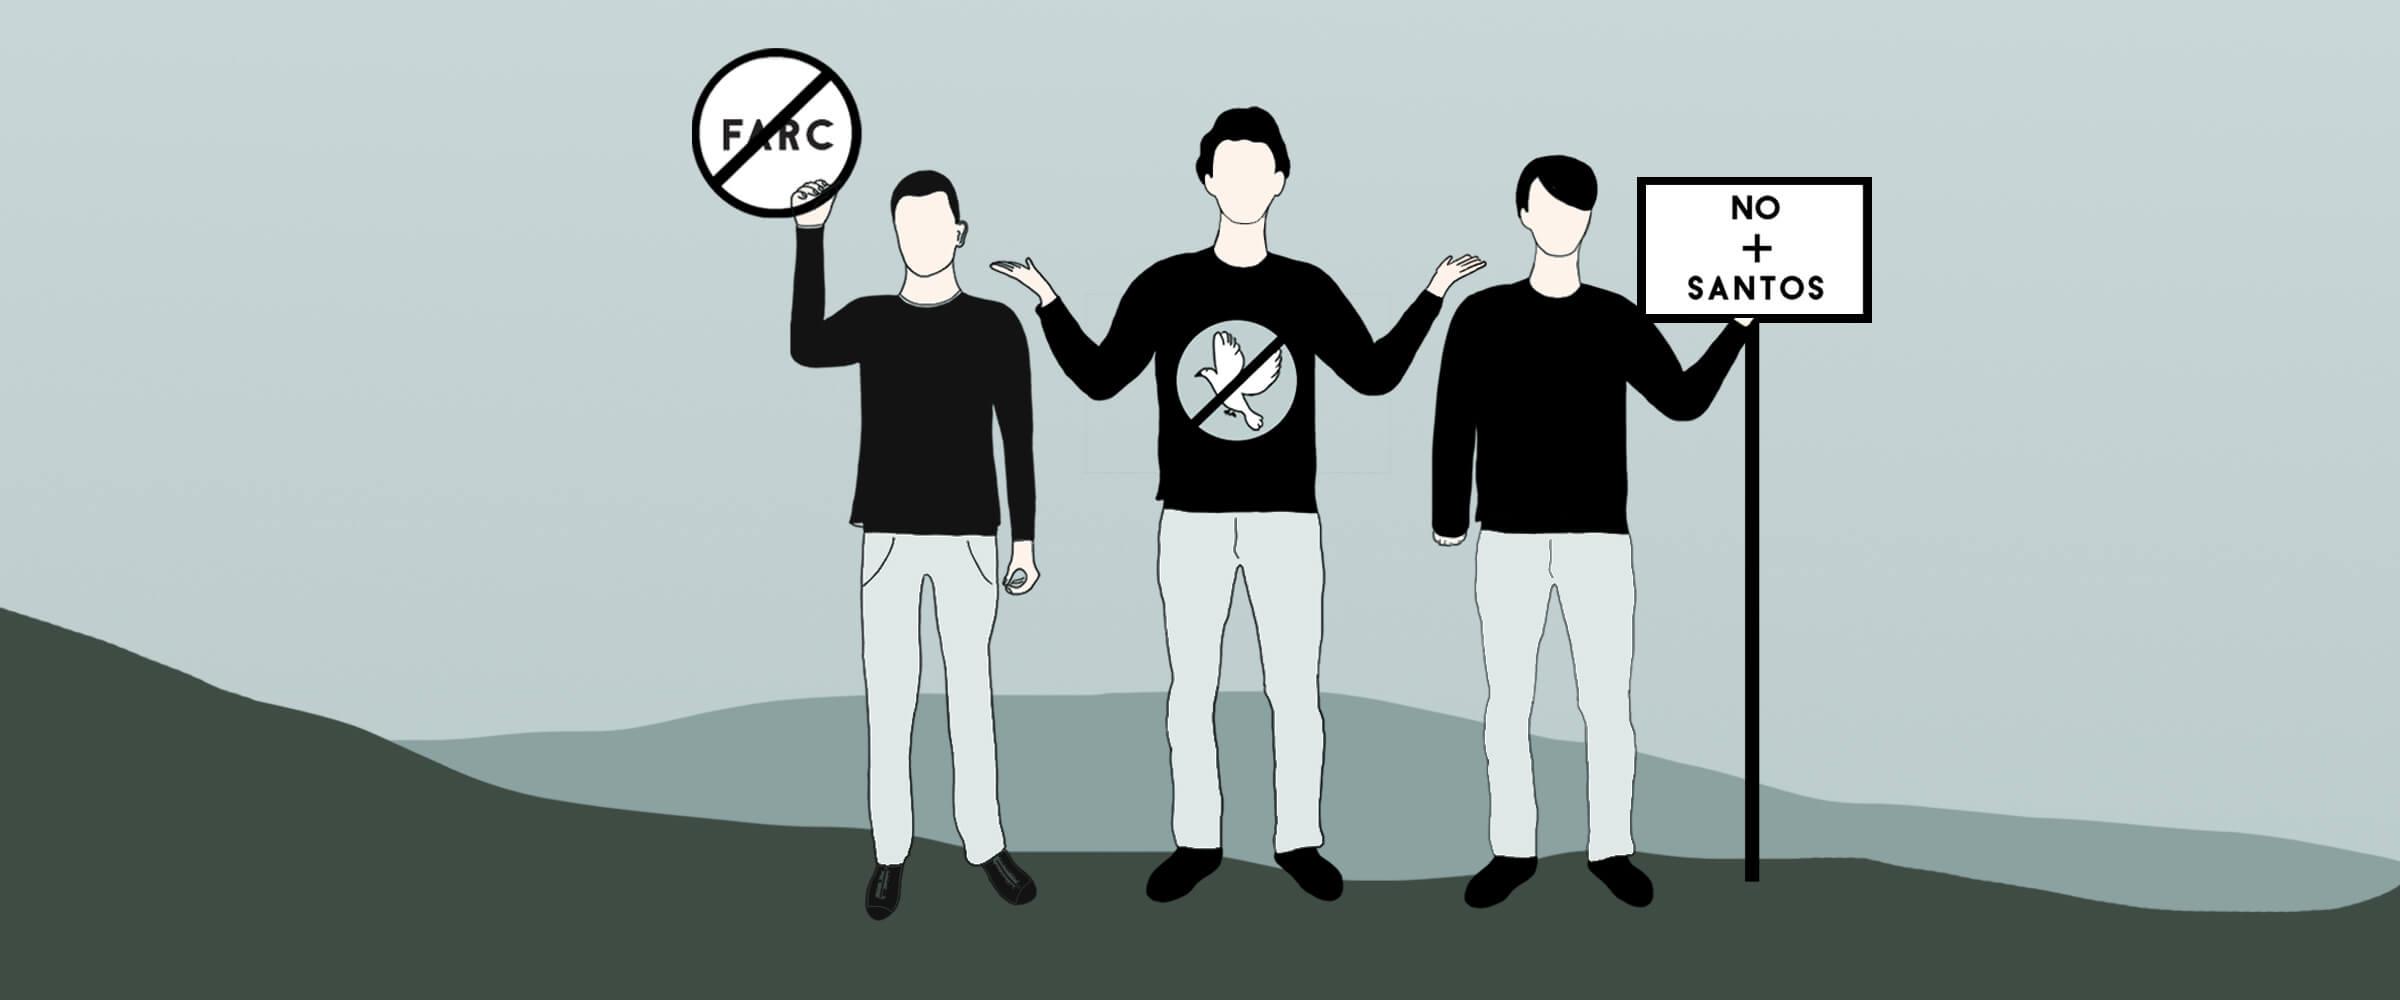 Hablamos con los 'haters' de la paz en redes sociales para entender sus argumentos